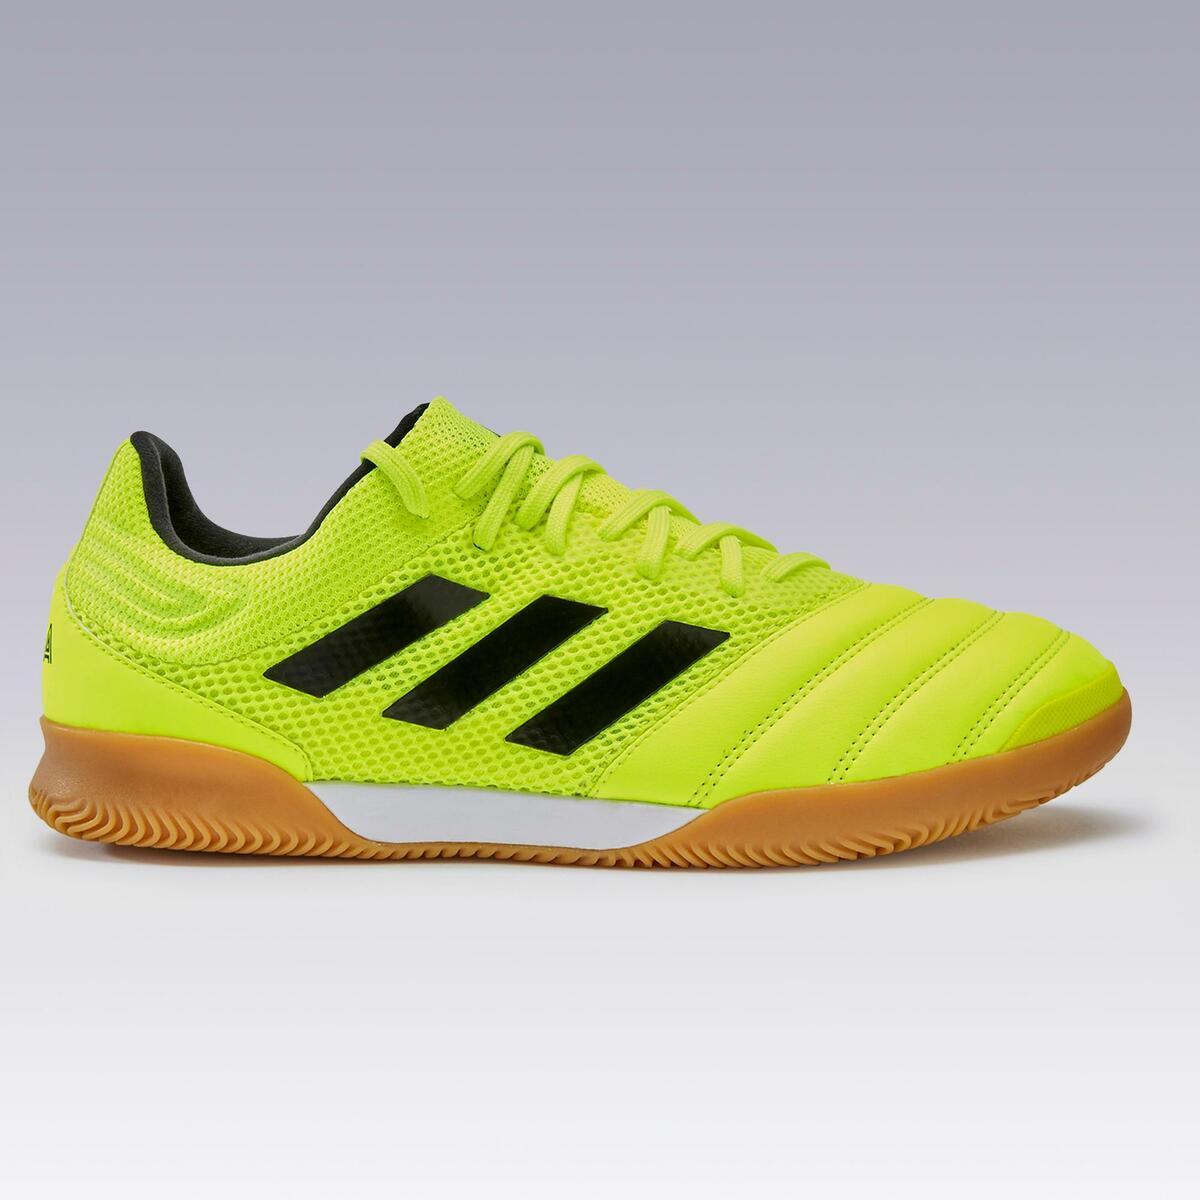 Bild 2 von Hallenschuhe Futsal Fußball Copa Erwachsene gelb/schwarz